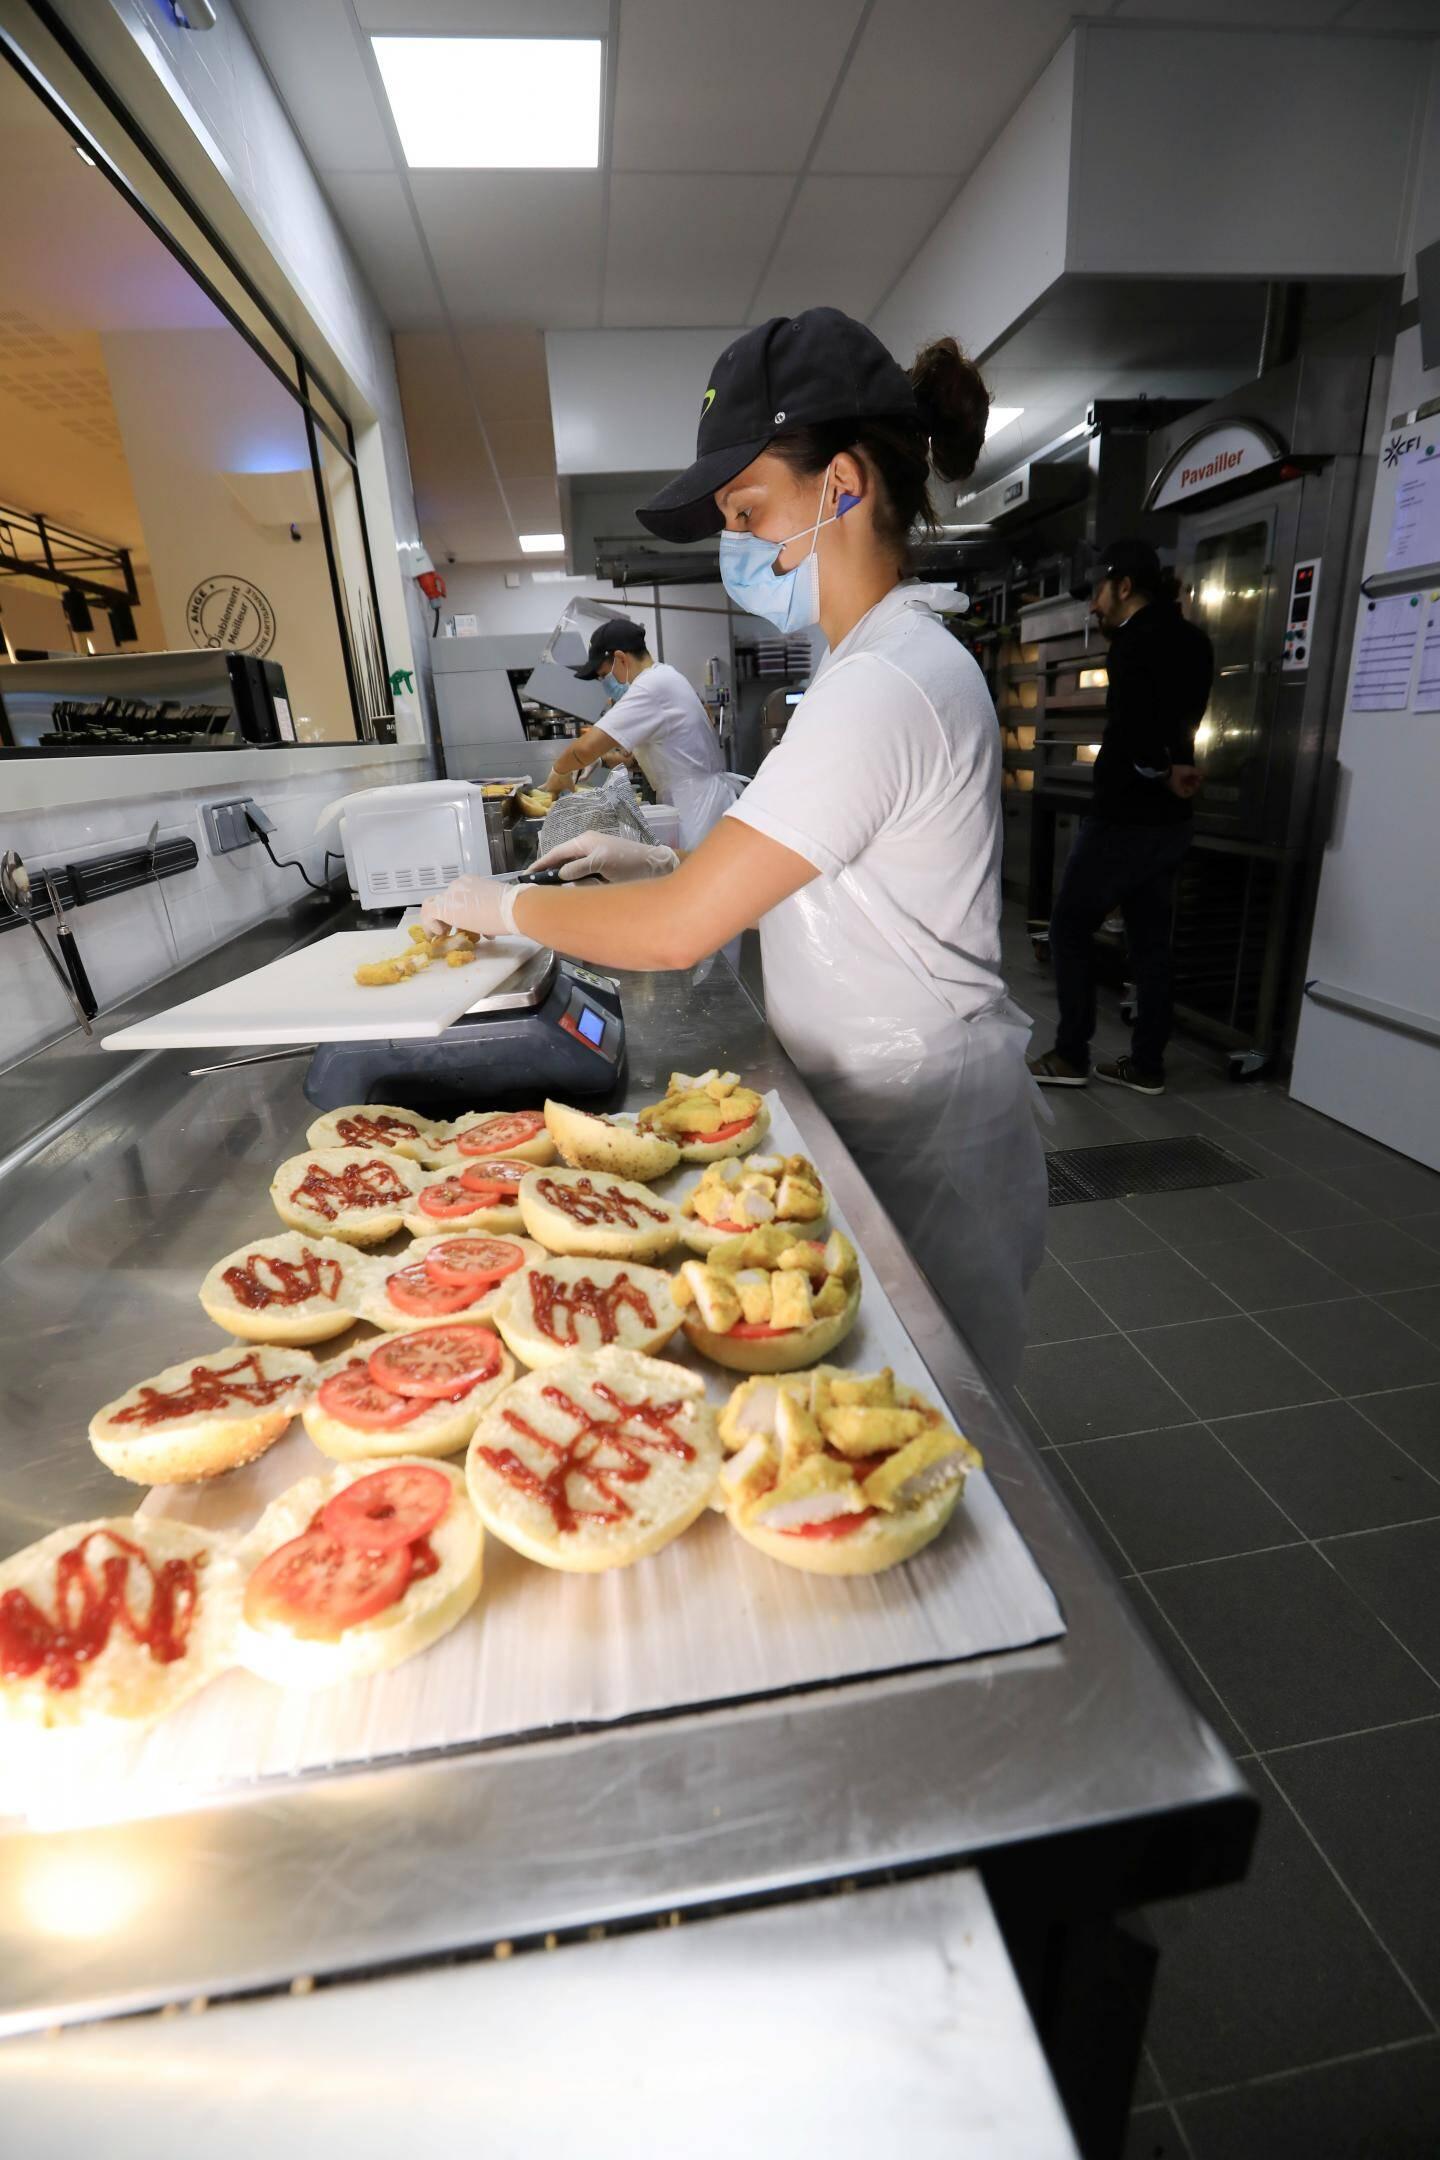 Tous les produits (pains, pâtisseries, pizza, burgers, salades composées...) sont fabriqués sur place, devant la clientèle.